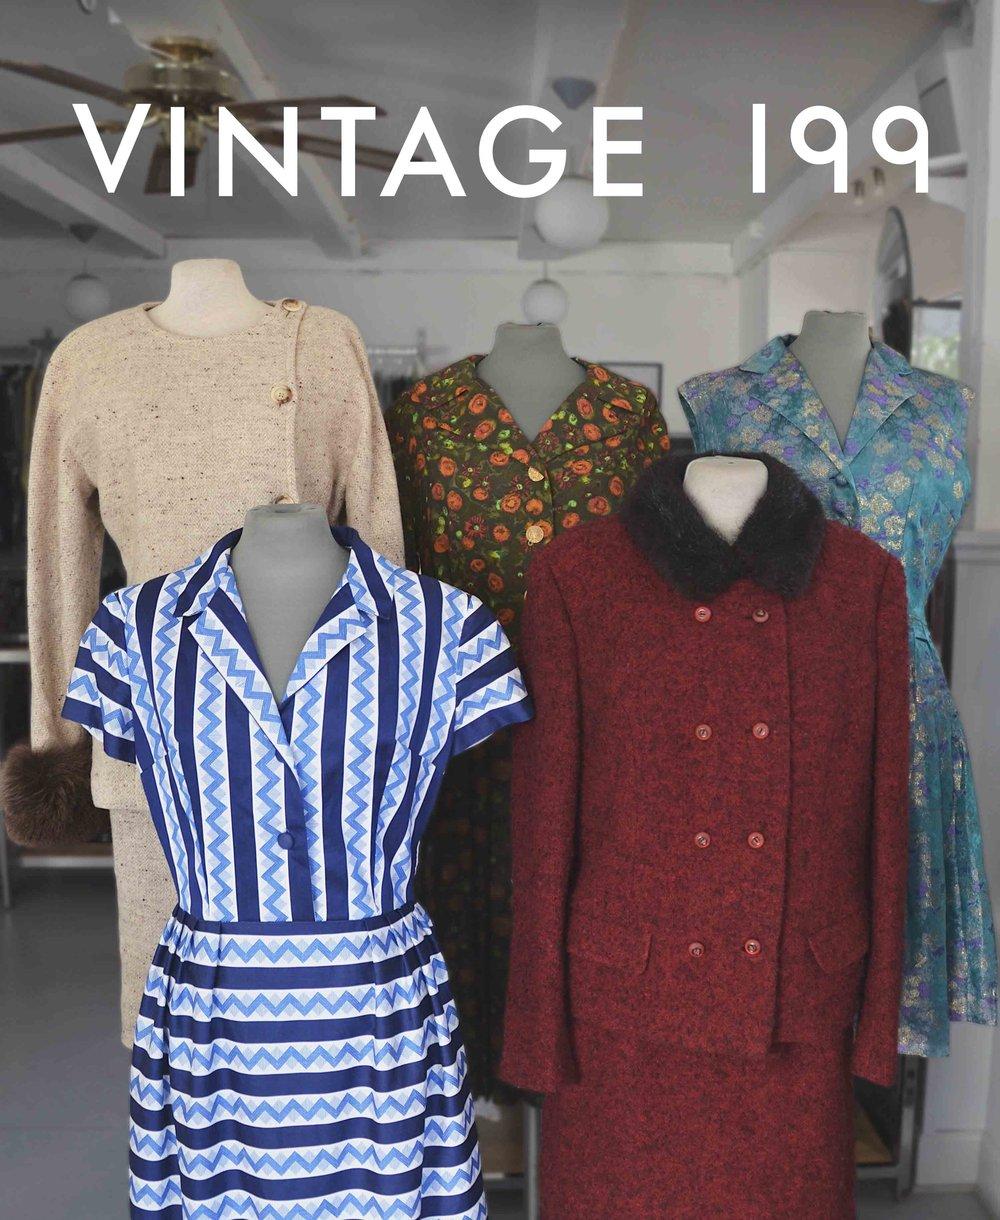 vintage199_toj_logo.jpg